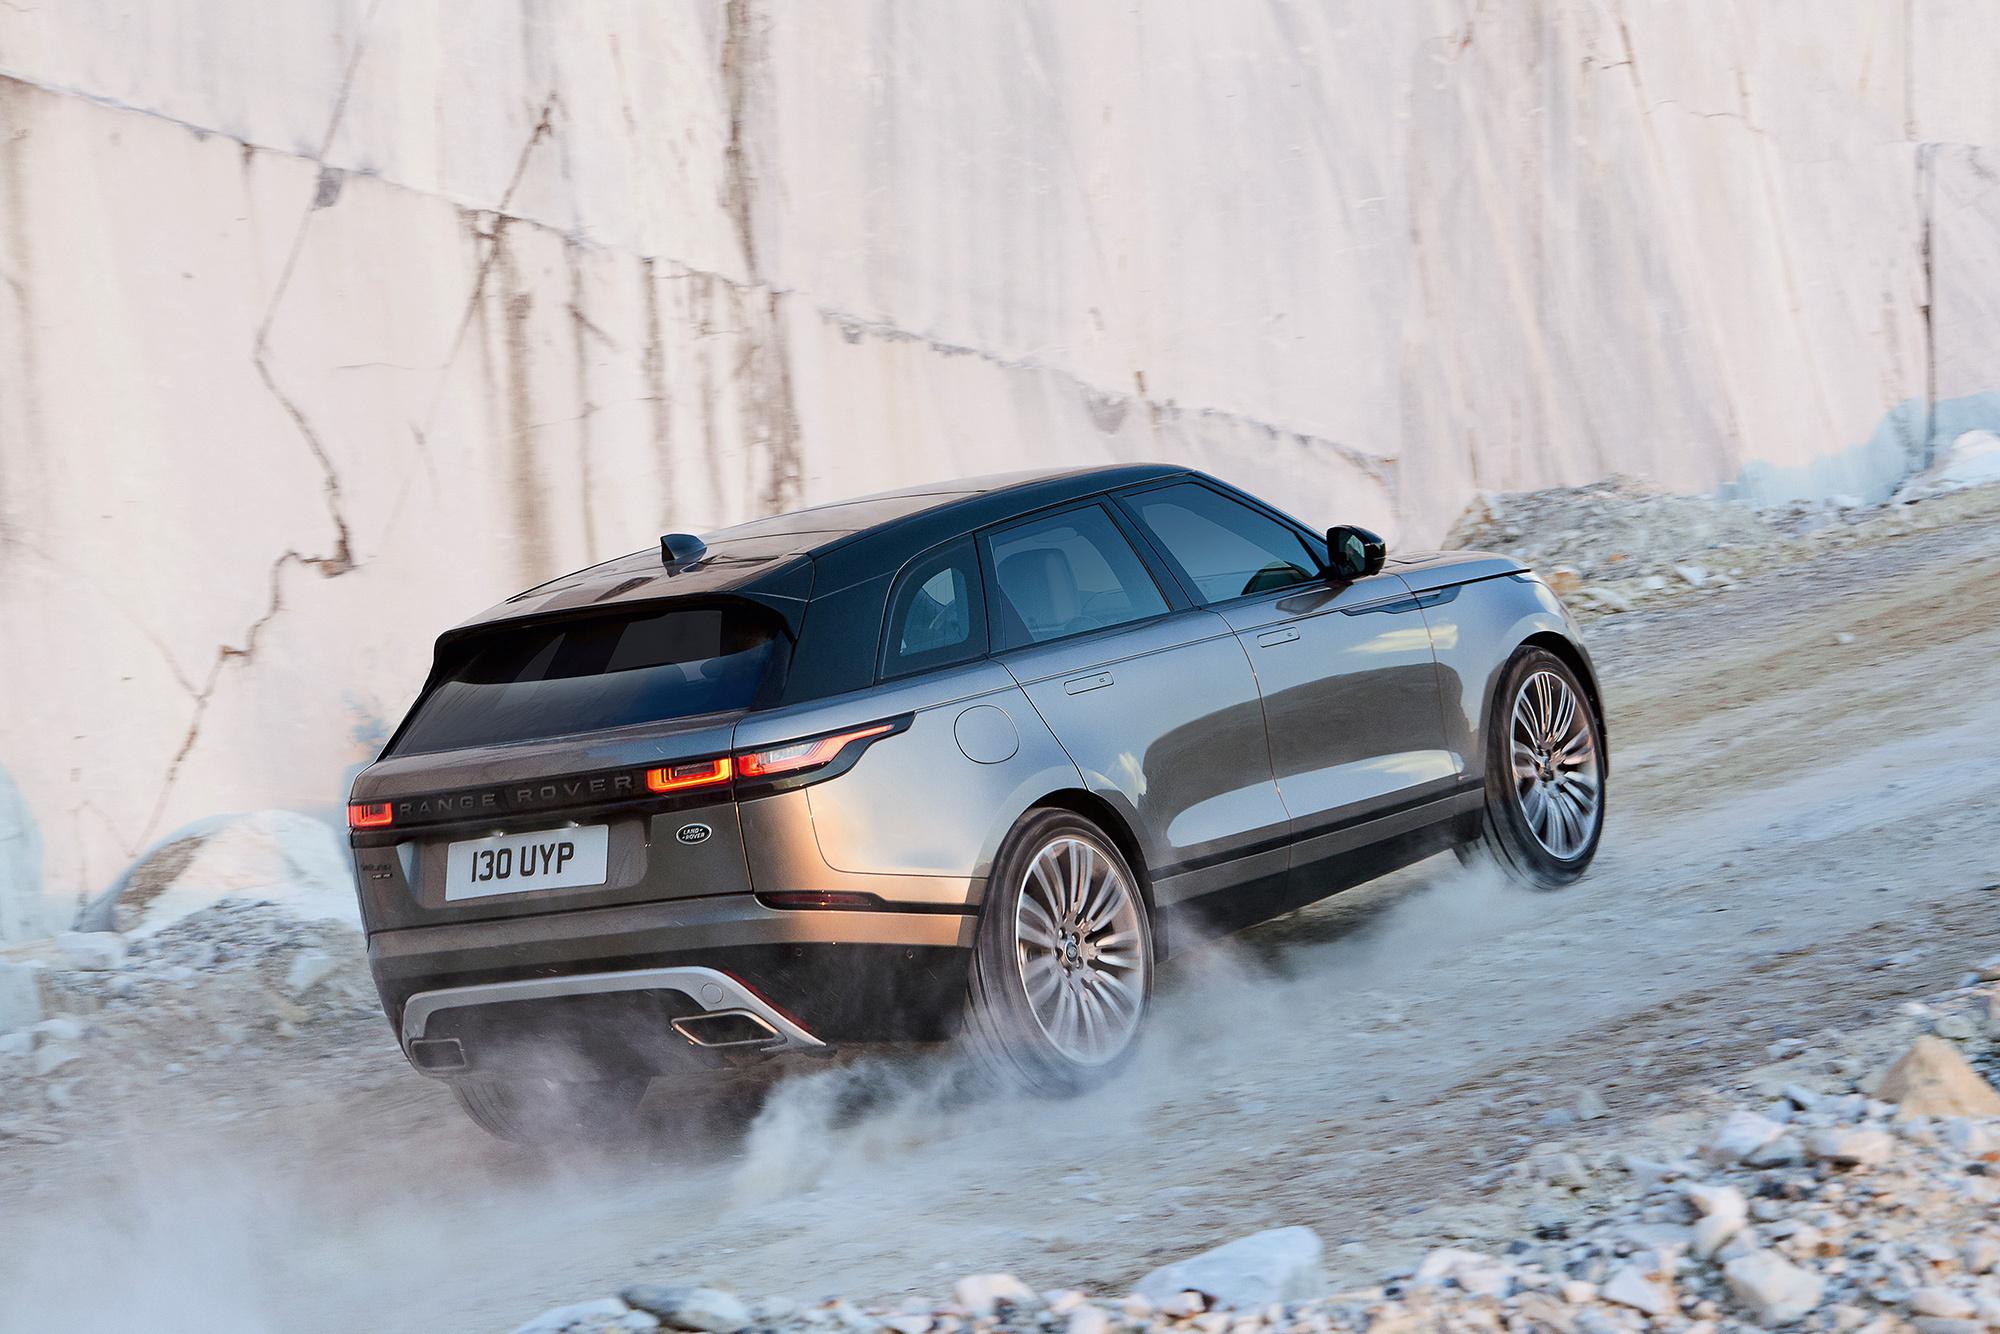 Range Rover Velar Wallpaper For Laptop